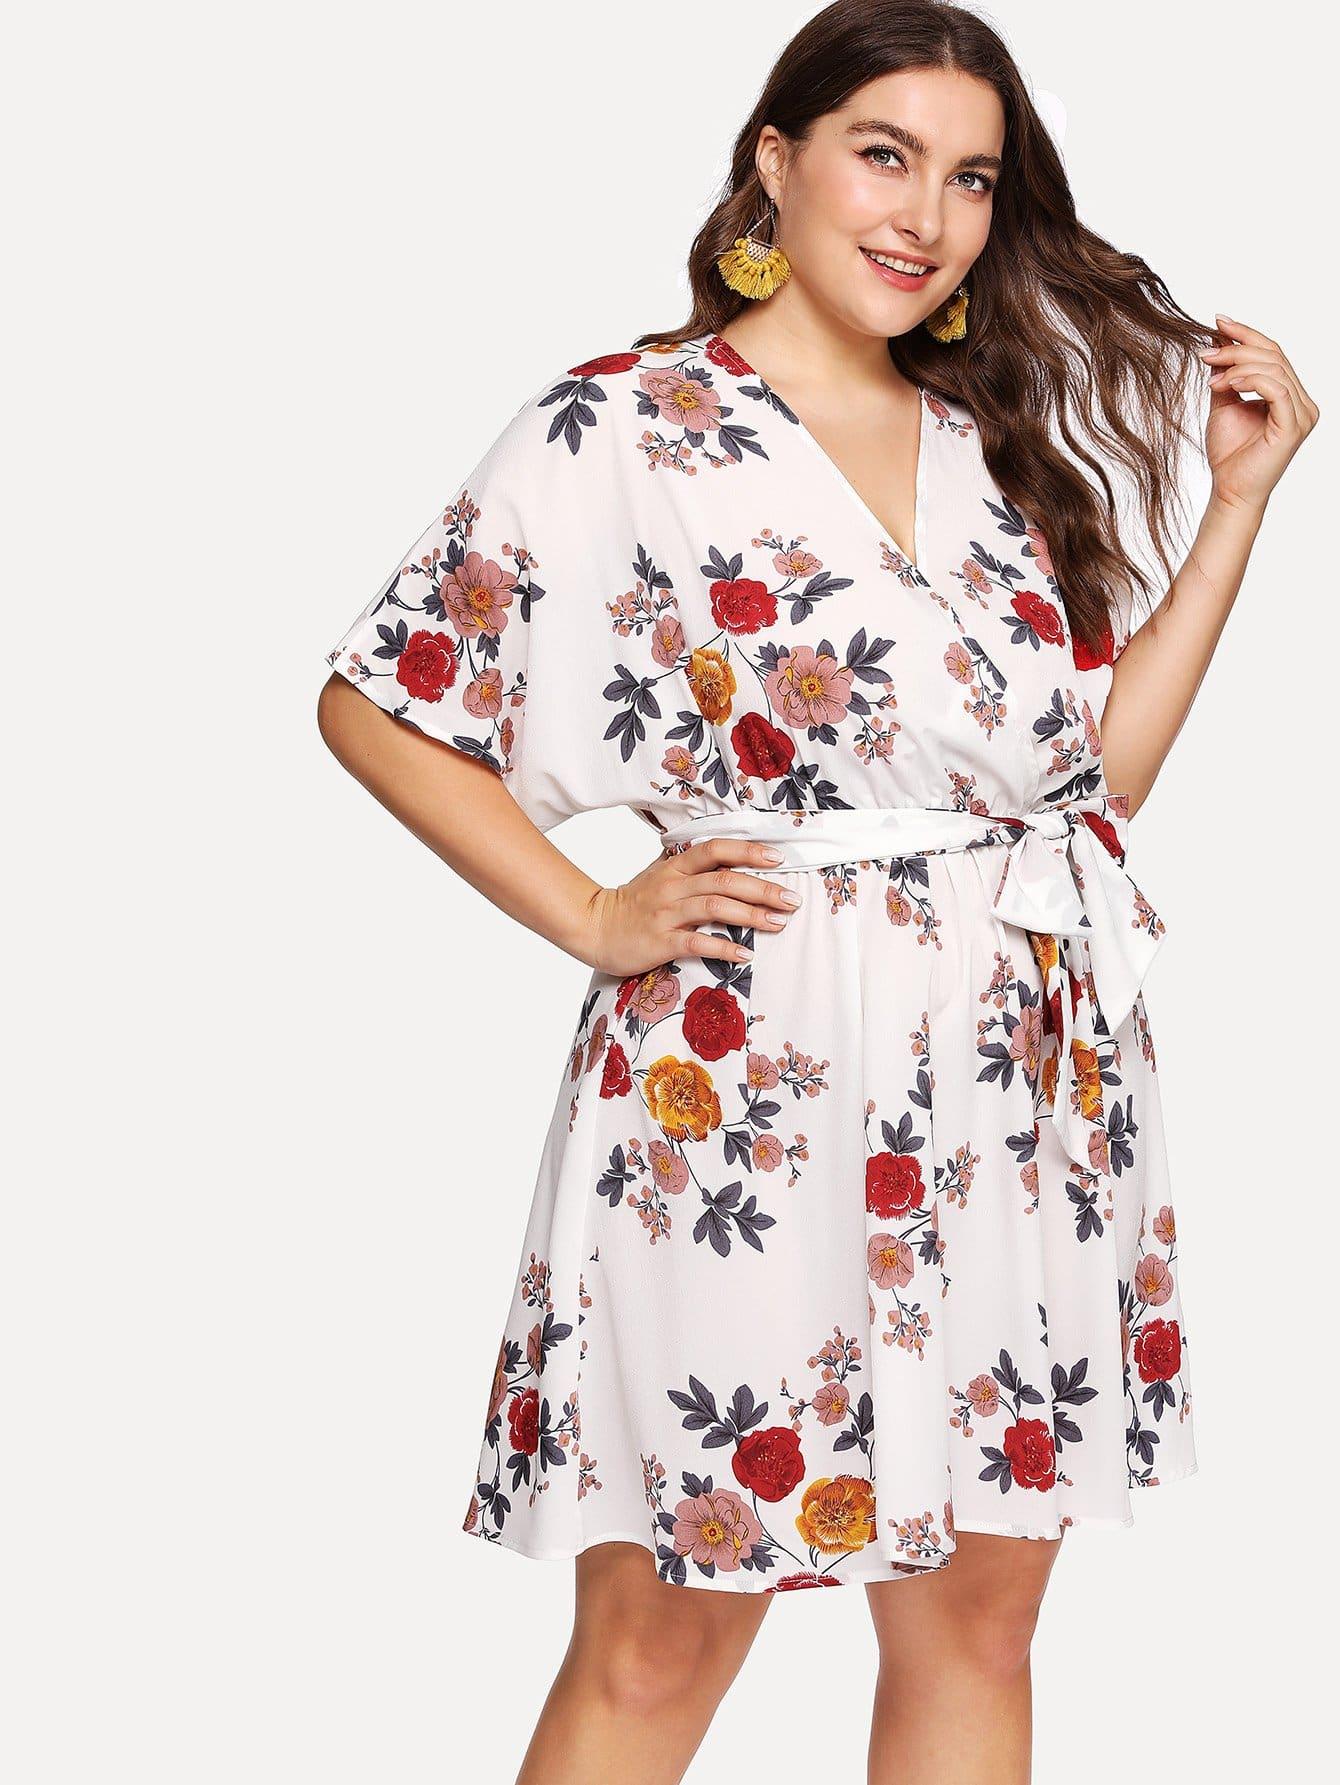 Overlap Front Elastic Waist Floral Dress overlap front m slit velvet dress